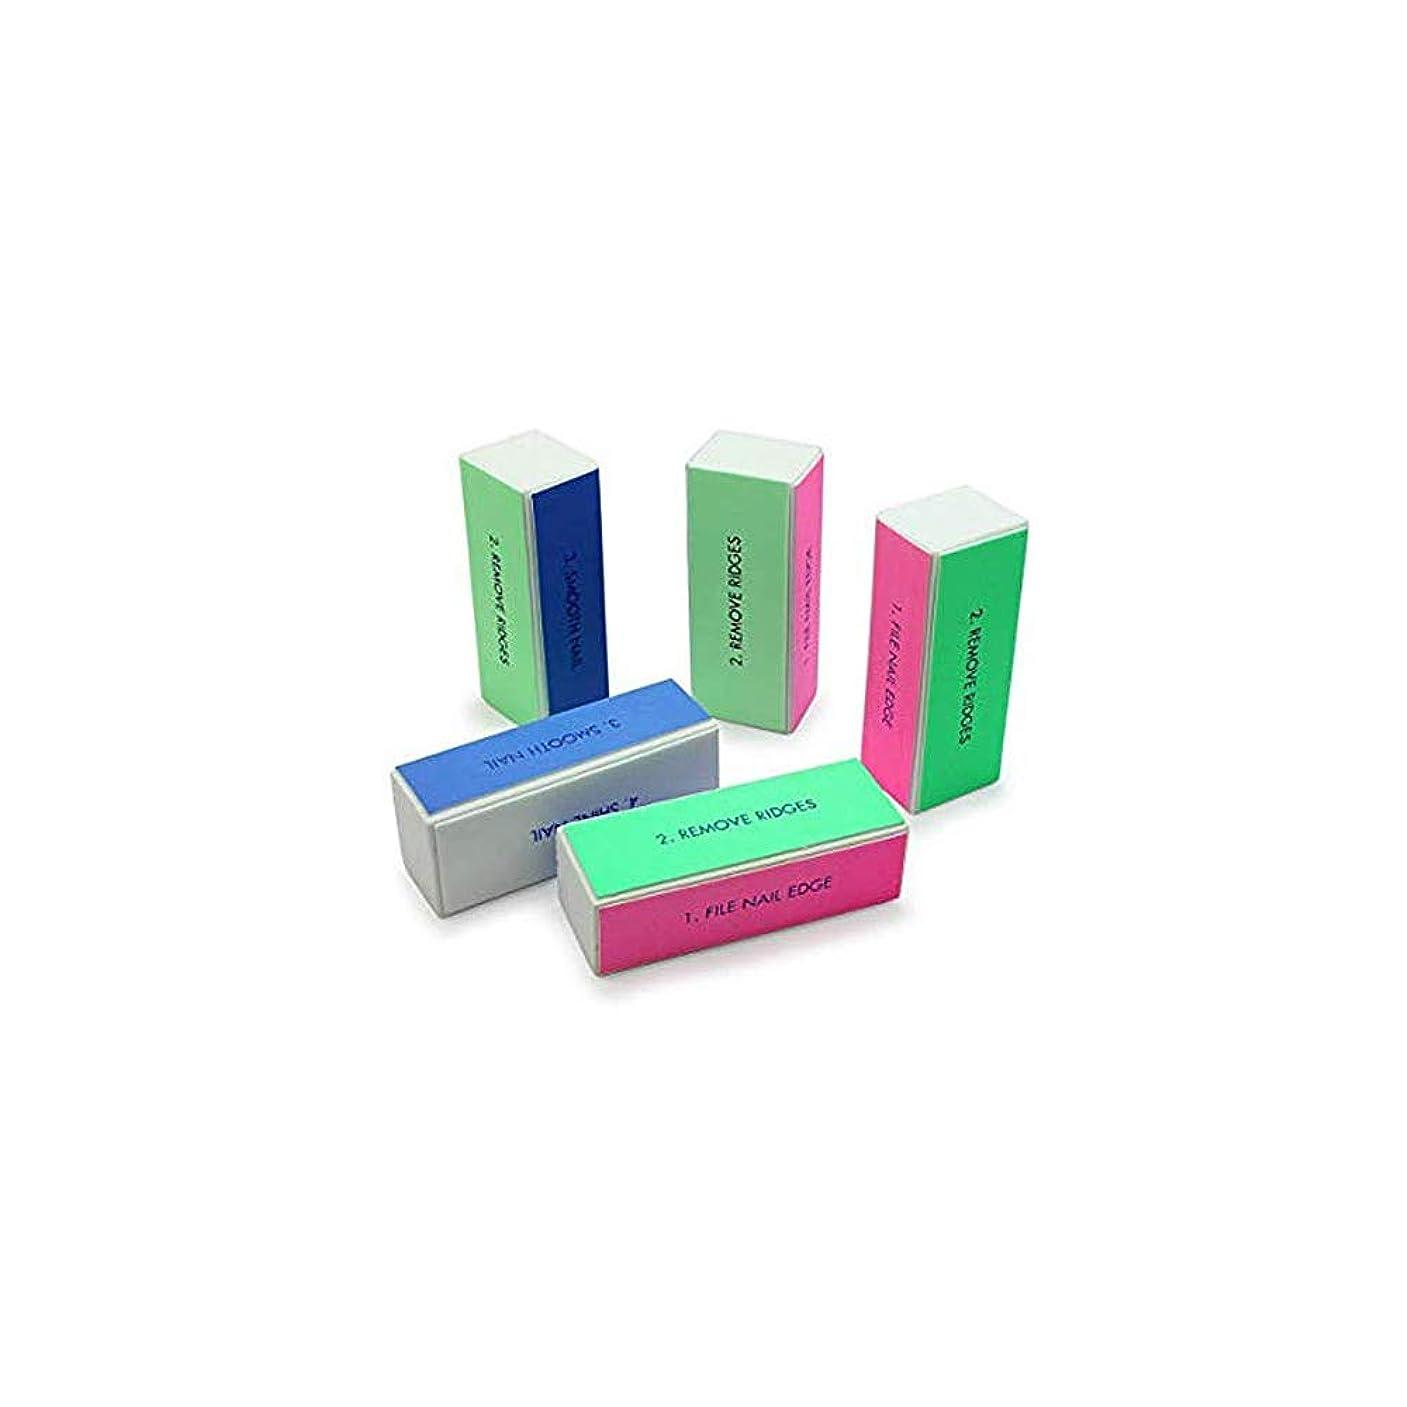 キロメートル麦芽ピン持ち運びが簡単ネイルポリッシュ ブロック ネイルツール 5個セット 4面 ブロックバッファー 爪やすり 爪磨き ネイルシャイン ポンジ 製 マニキュアツール 5本セット ネイルアート マニキュア製品